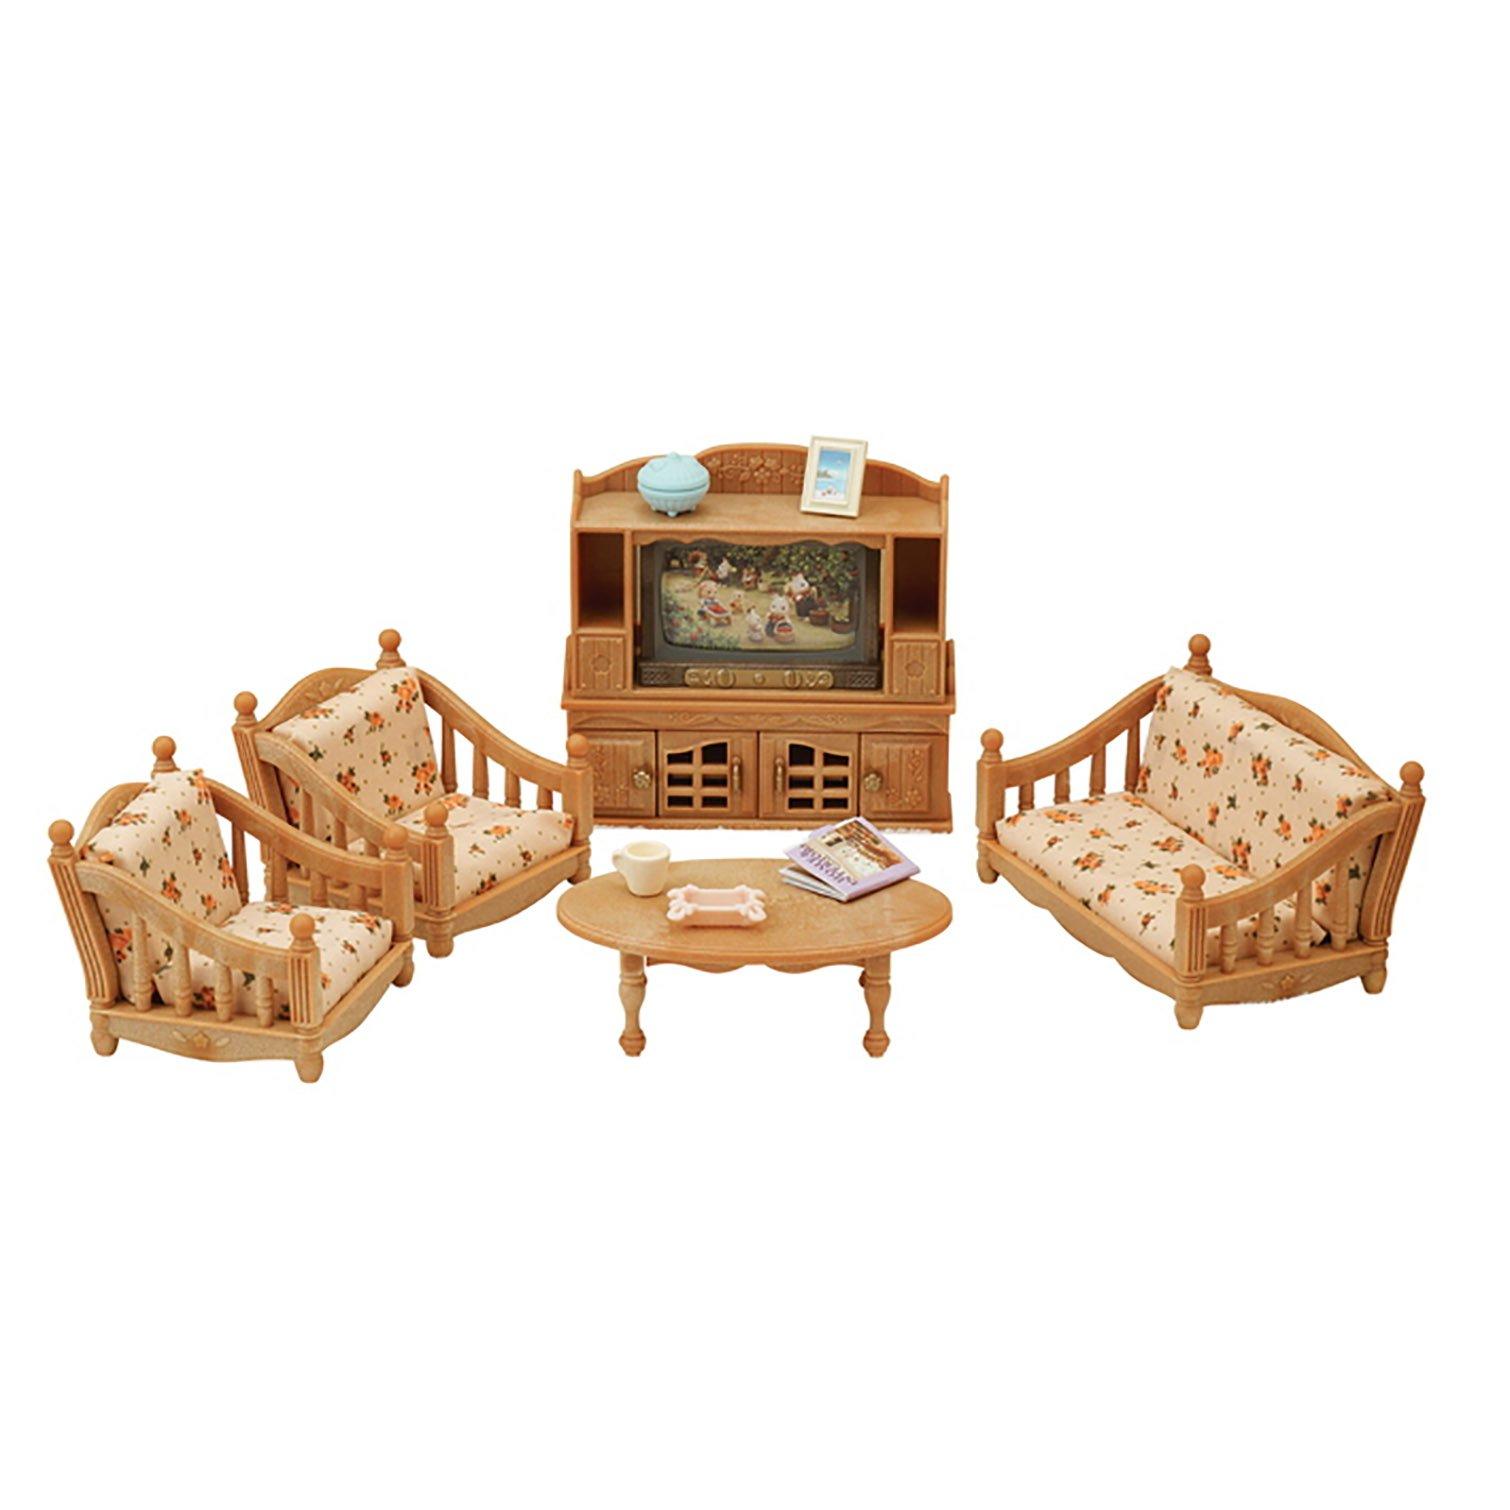 Sylvanian Families - Comfy Living Room Set (5339)